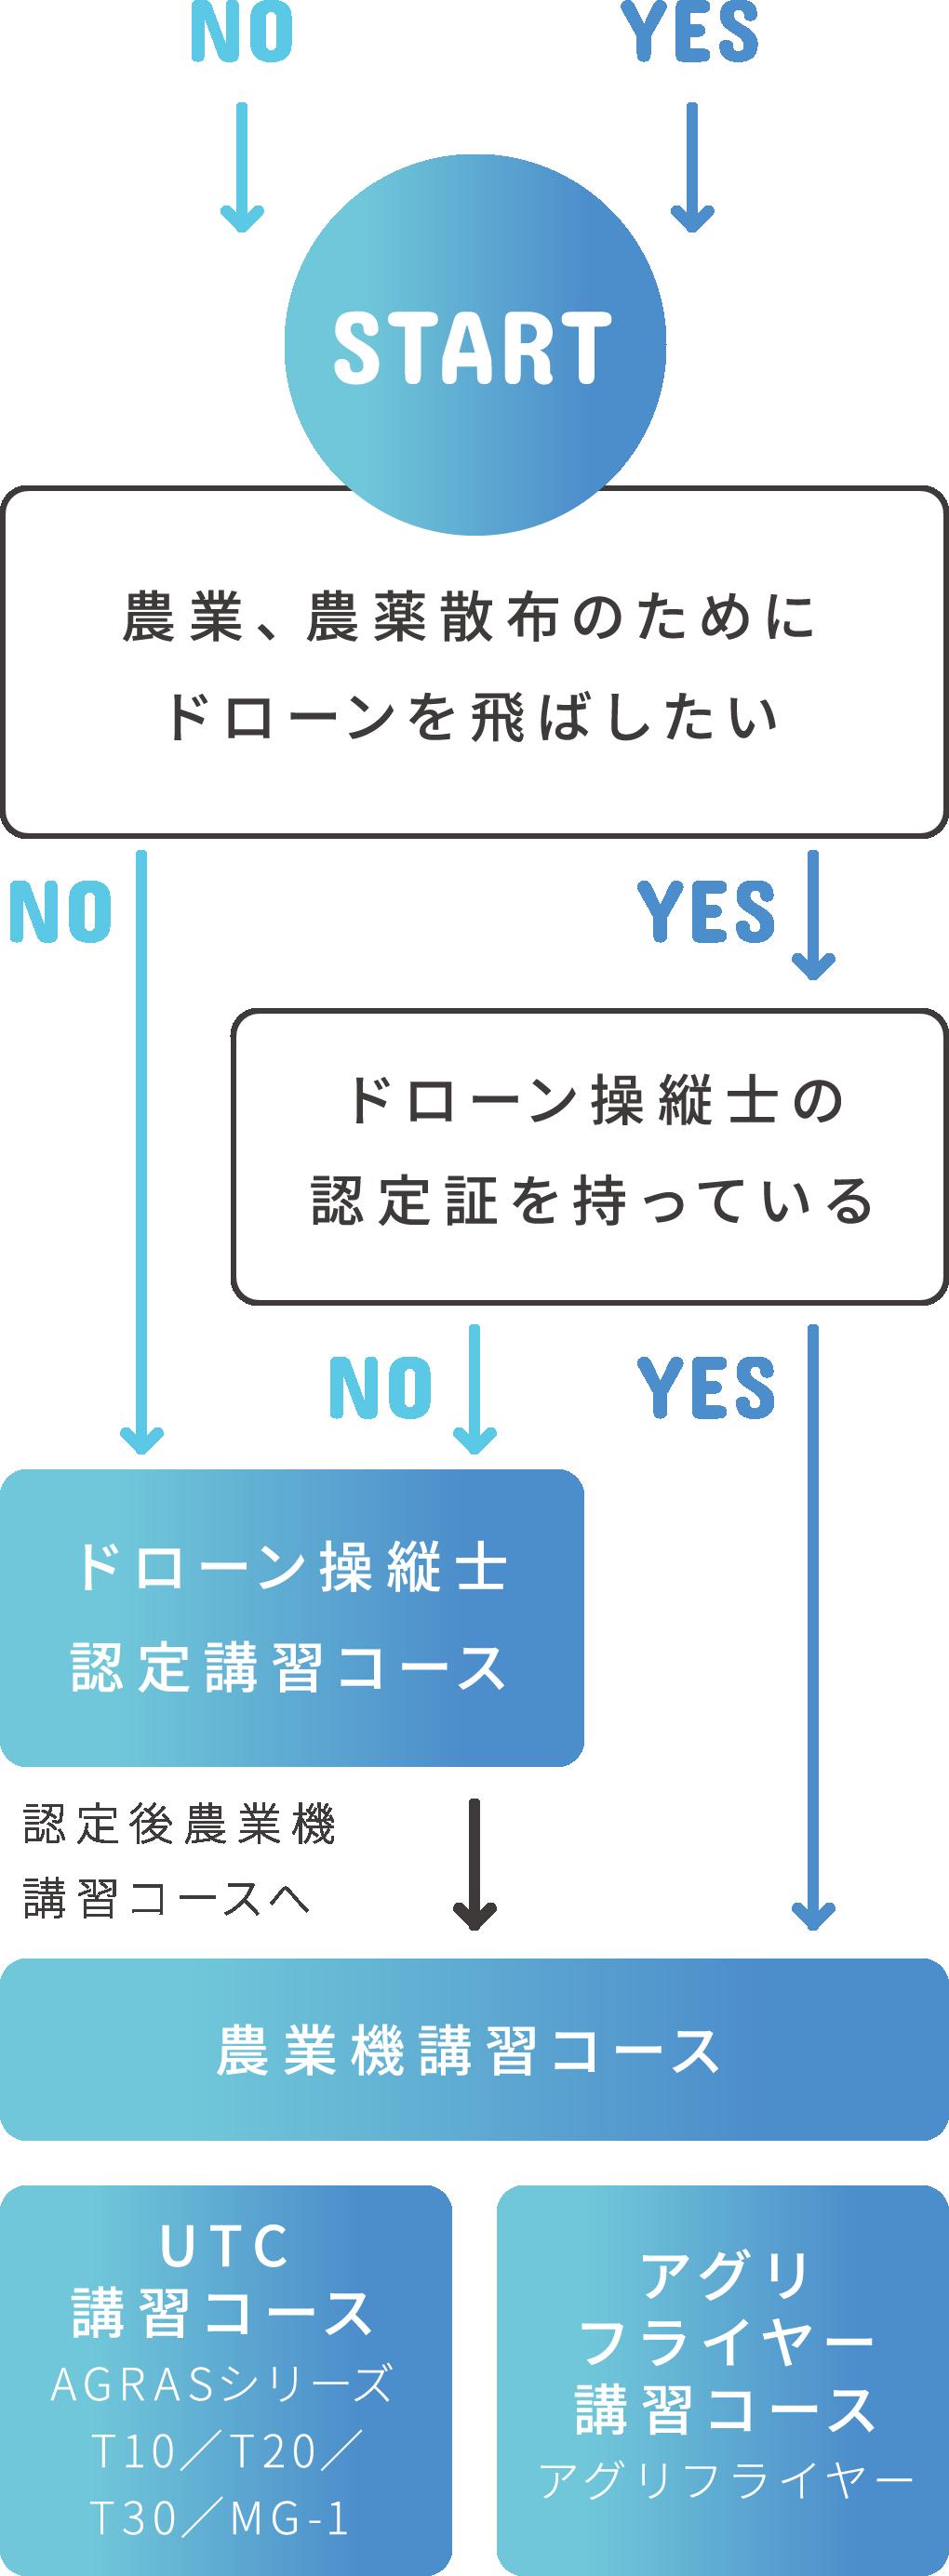 コースの選び方の図